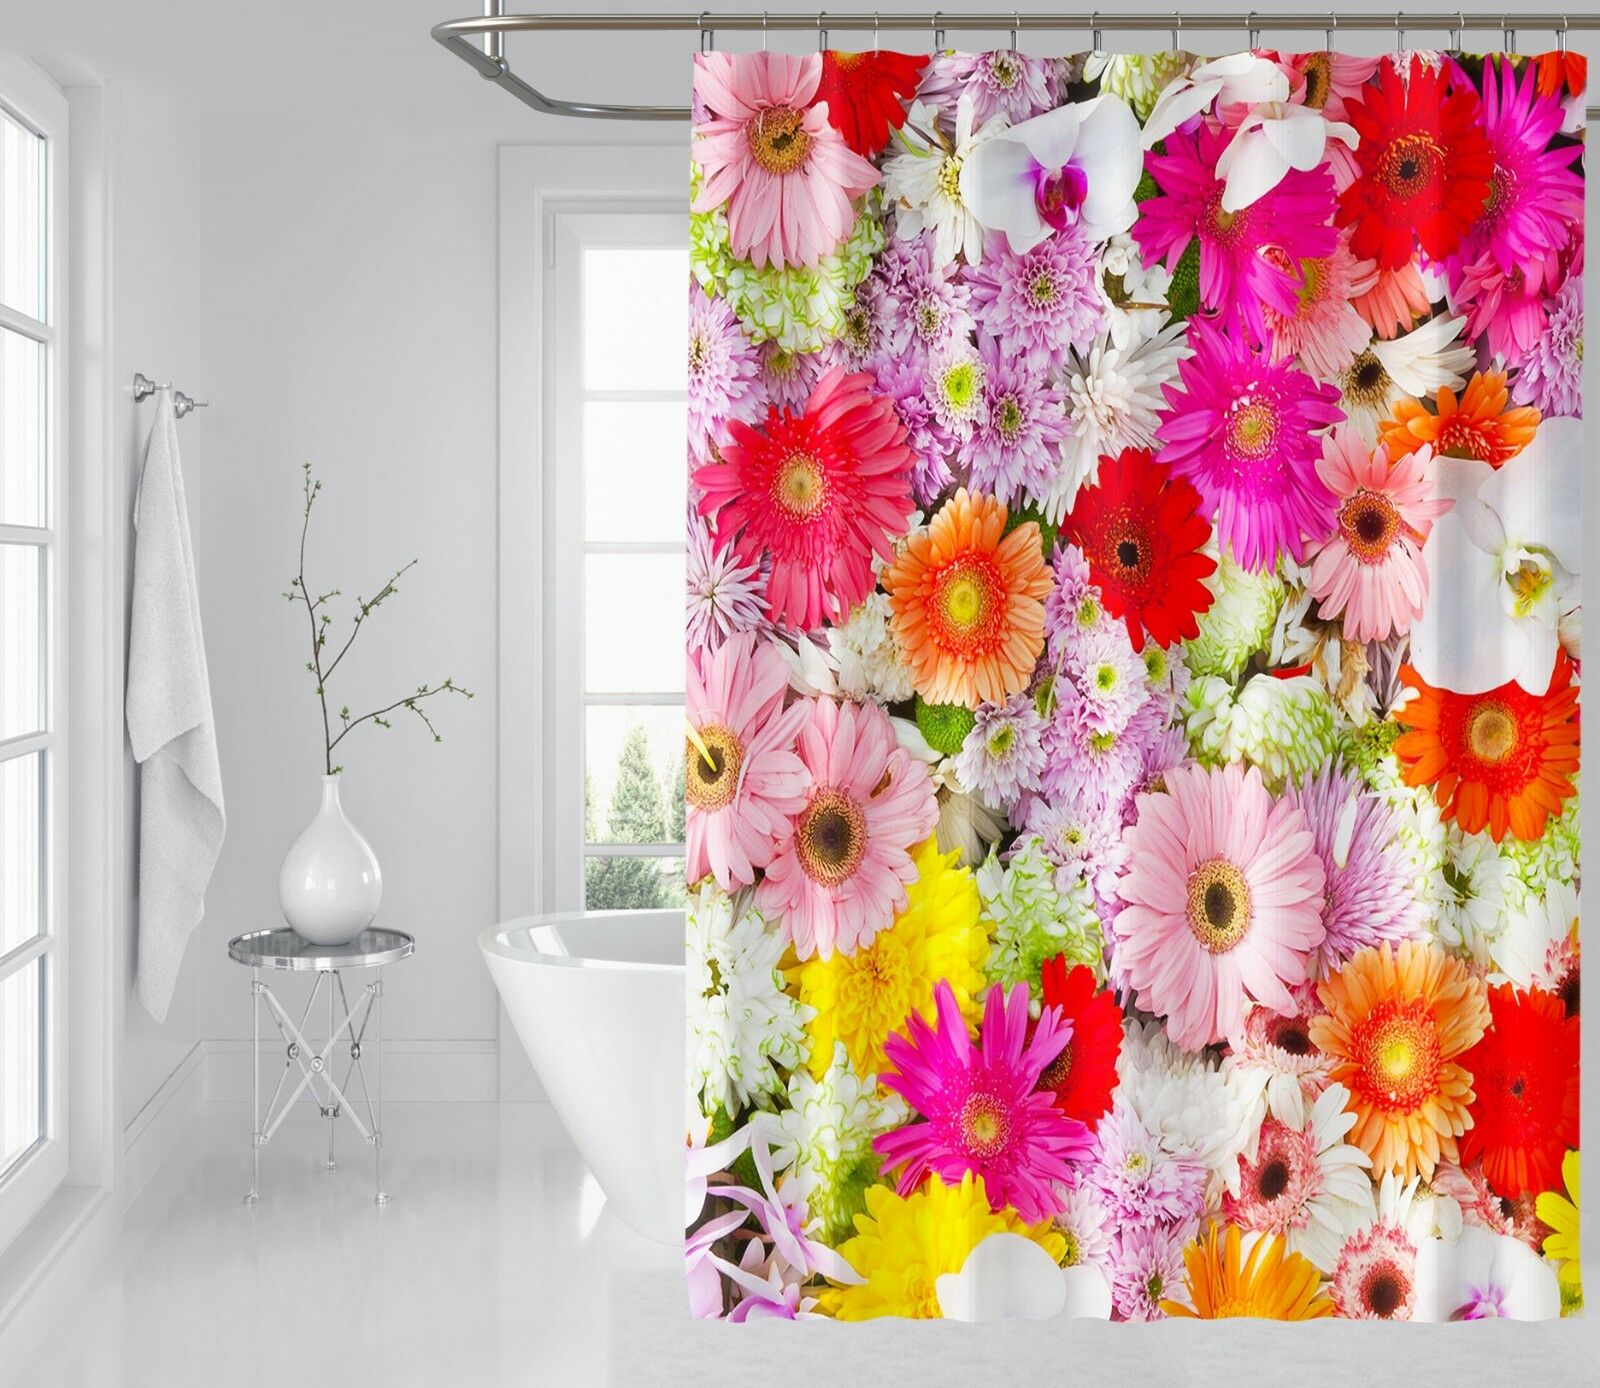 3D ColGoldt Flower 1 Shower Curtain Waterproof Fiber Bathroom Bathroom Bathroom Home Windows Toilet 62acc8